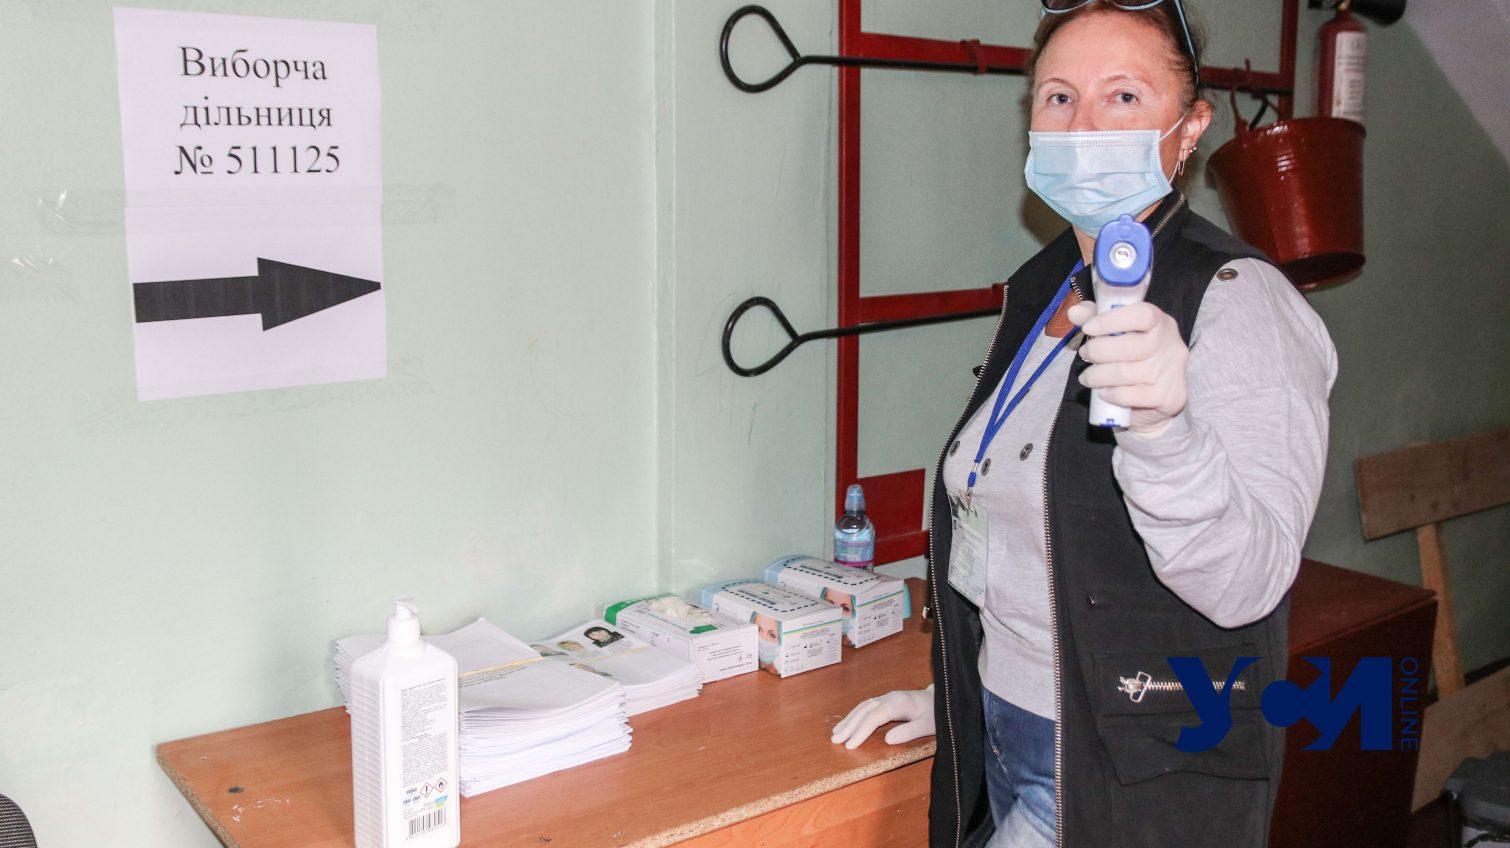 Явка на выборах: ЦИК «тормозит», а Одесская область – в лидерах «фото»